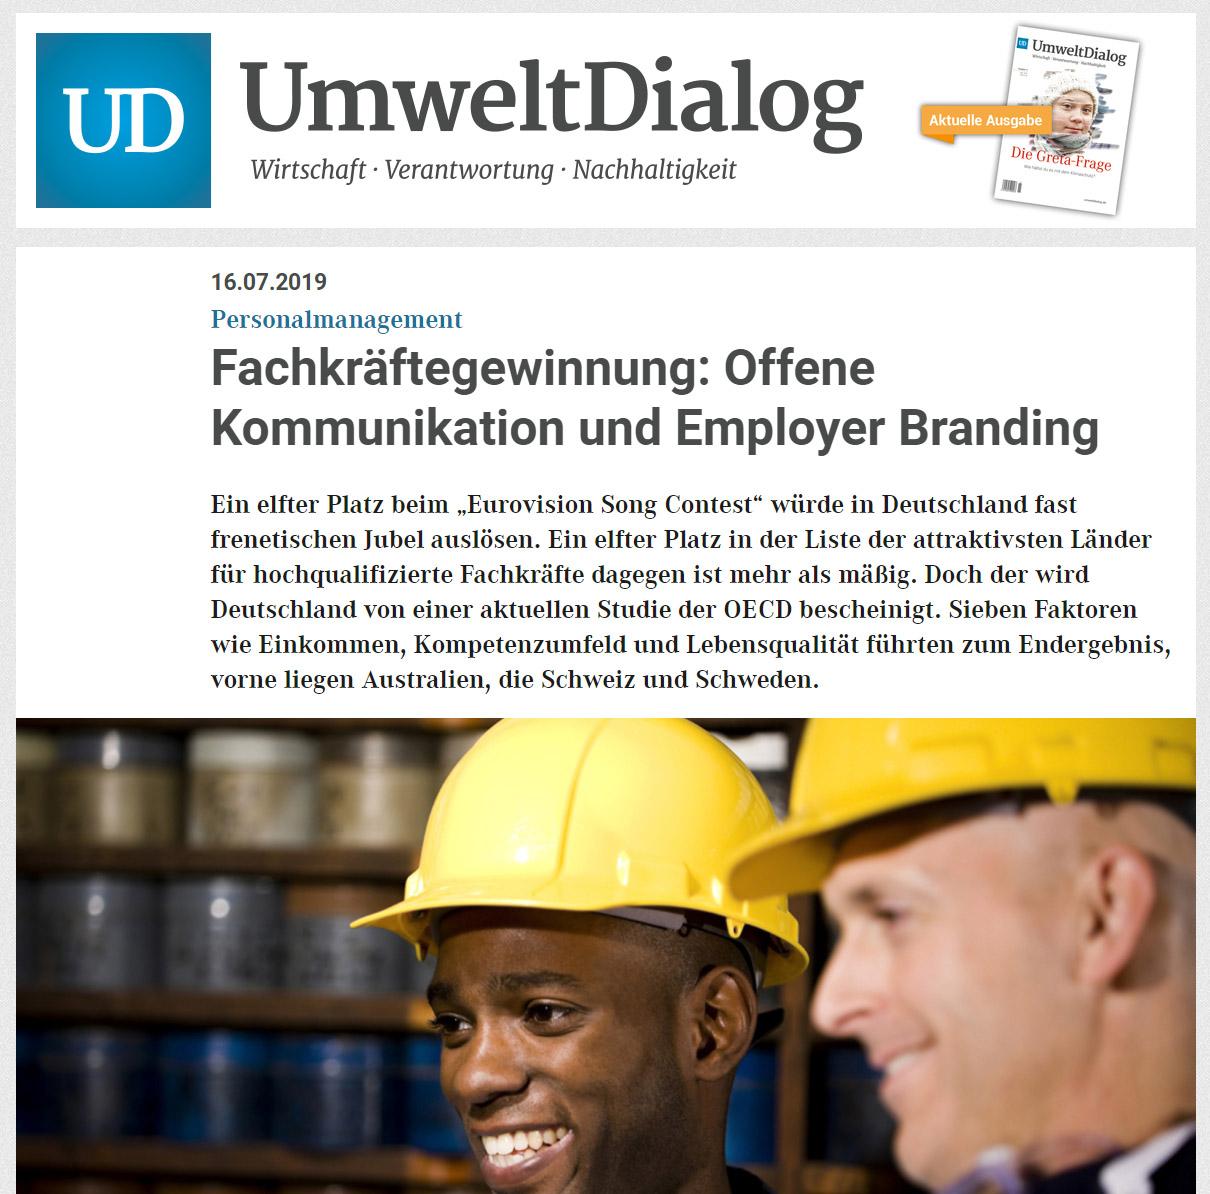 Cover zu Fachkräftegewinnung: Offene Kommunikation und Employer Branding